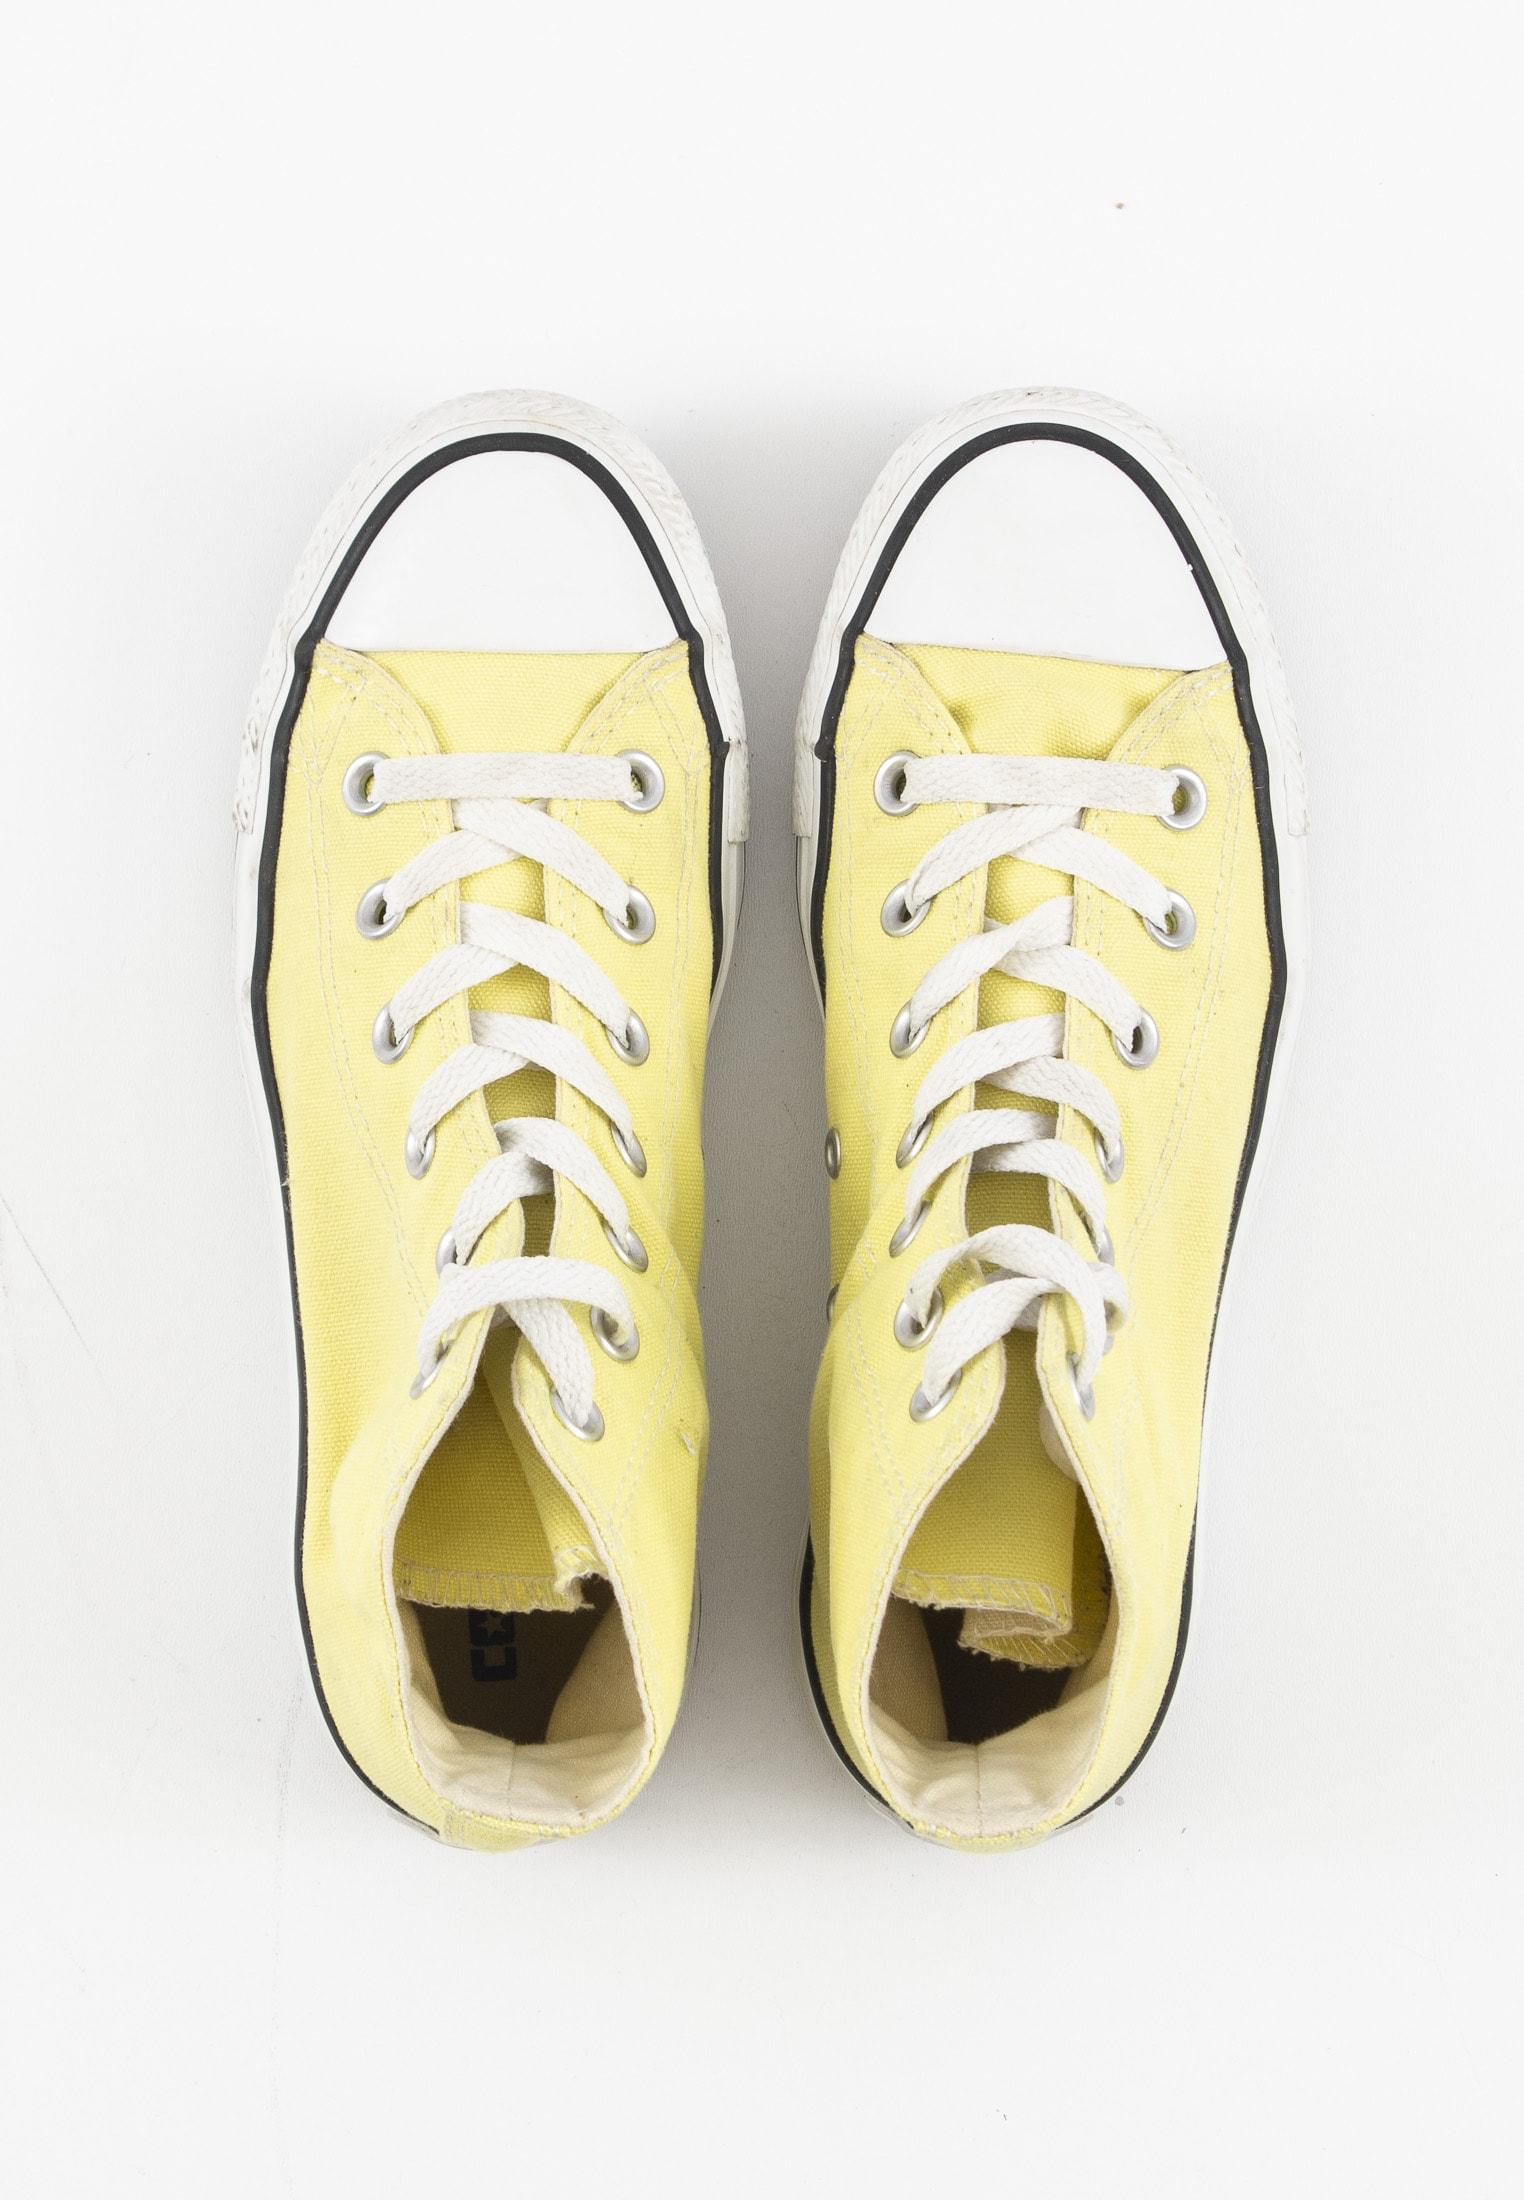 Converse Sneakers Gelb Gr.37.5